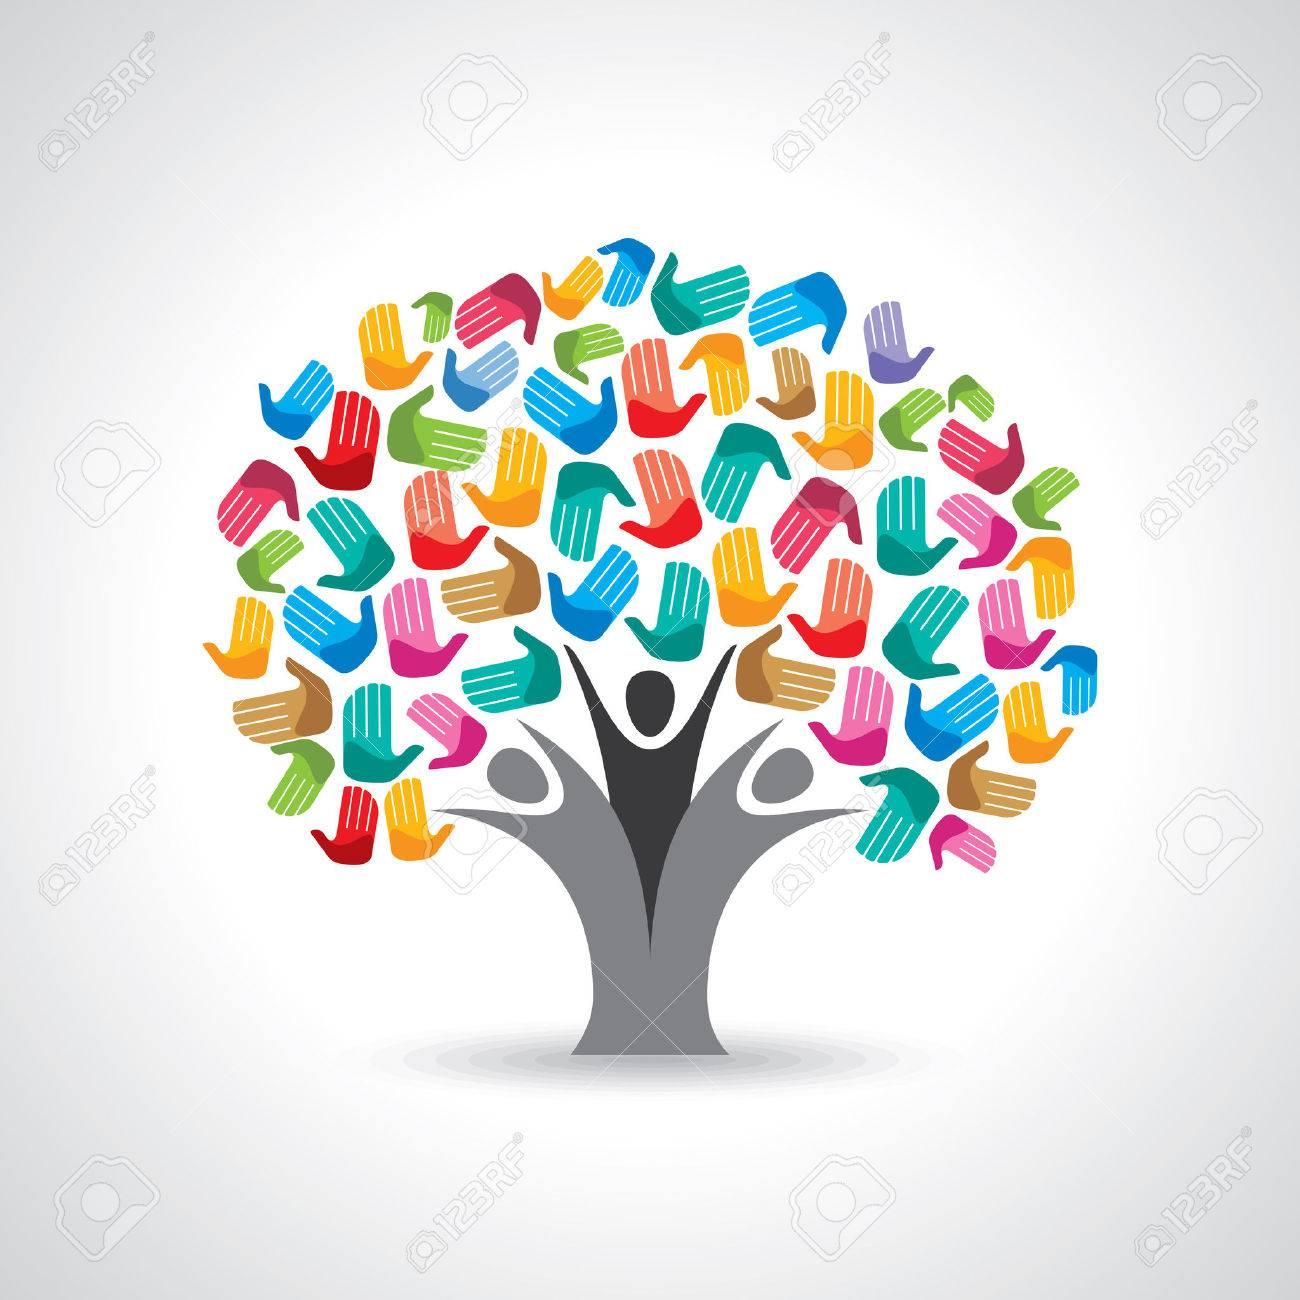 Isolata la diversità albero illustrazione mani. Archivio Fotografico -  37110190 9e8c12671385